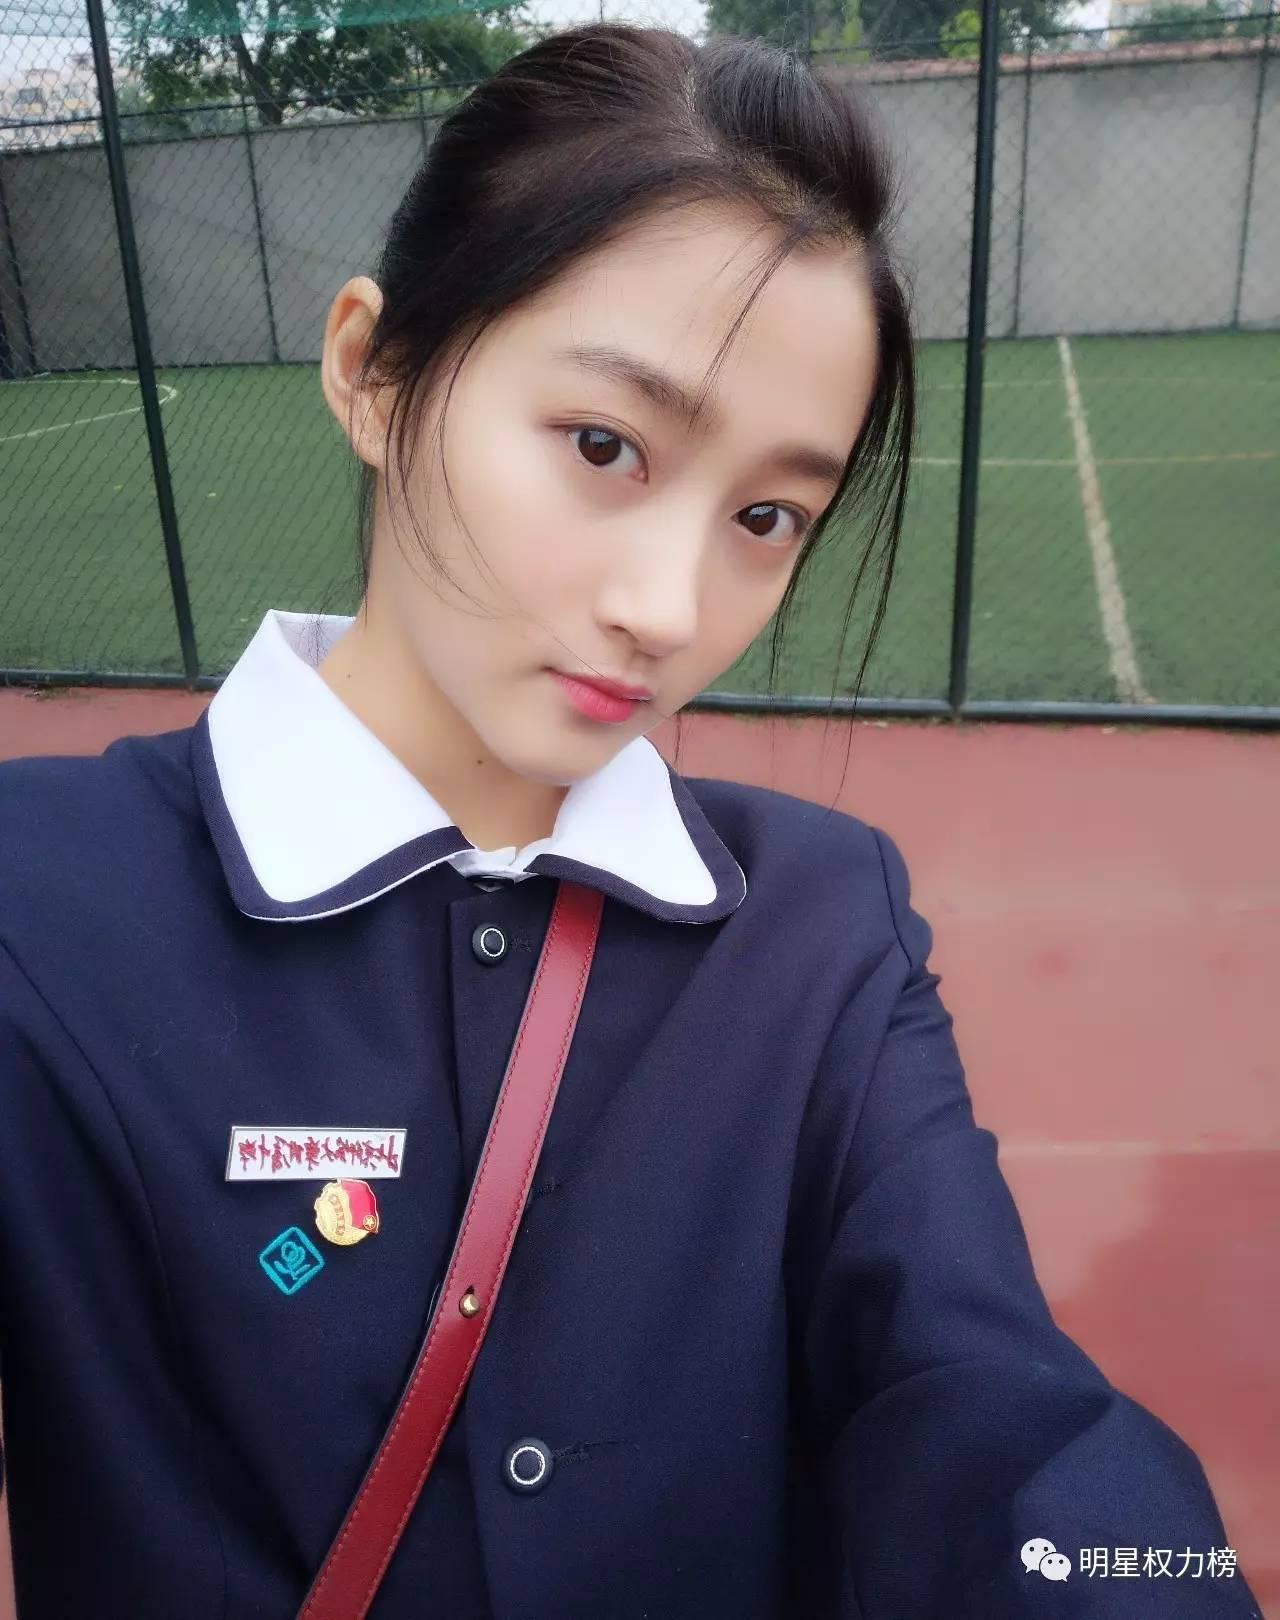 Săm soi bạn gái Luhan Quan Hiểu Đồng, hóa ra cô nàng toàn dùng đồ vài trăm nghìn mà da đẹp không tì vết - Ảnh 3.